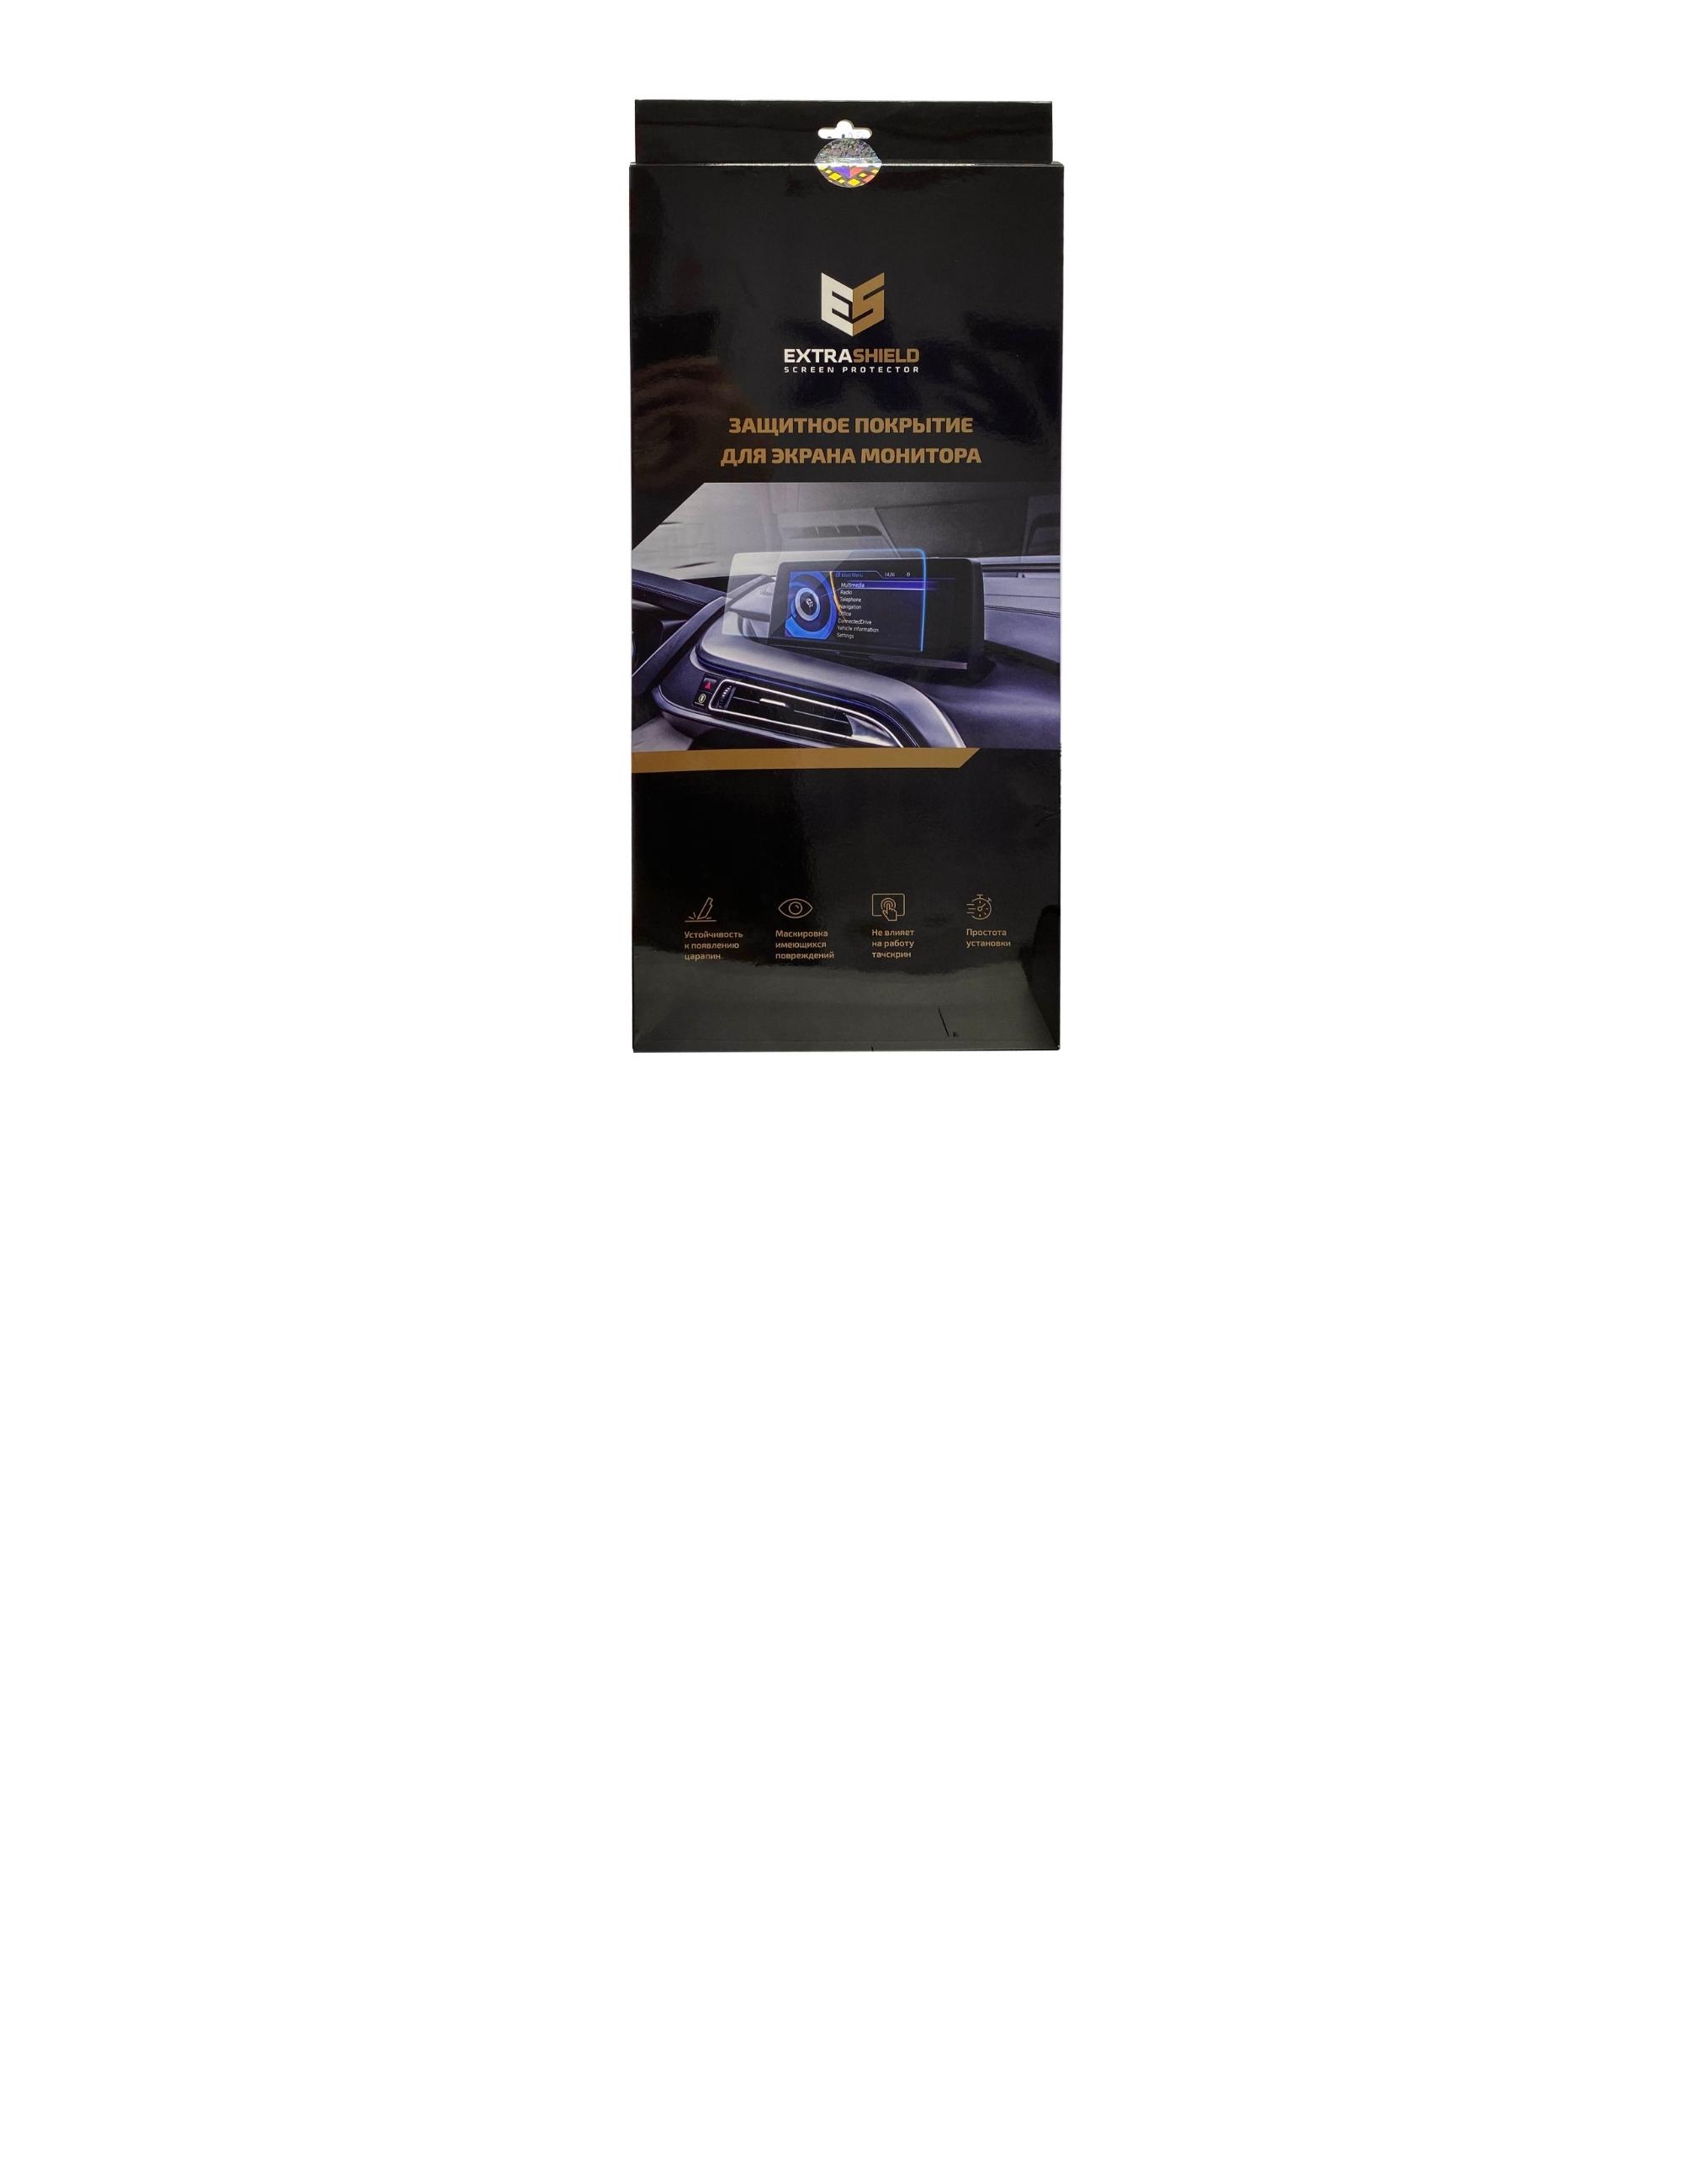 Volkswagen Touareg II (рестайлинг) 2014 - 2018 мультимедиа 8 Защитное стекло Матовая